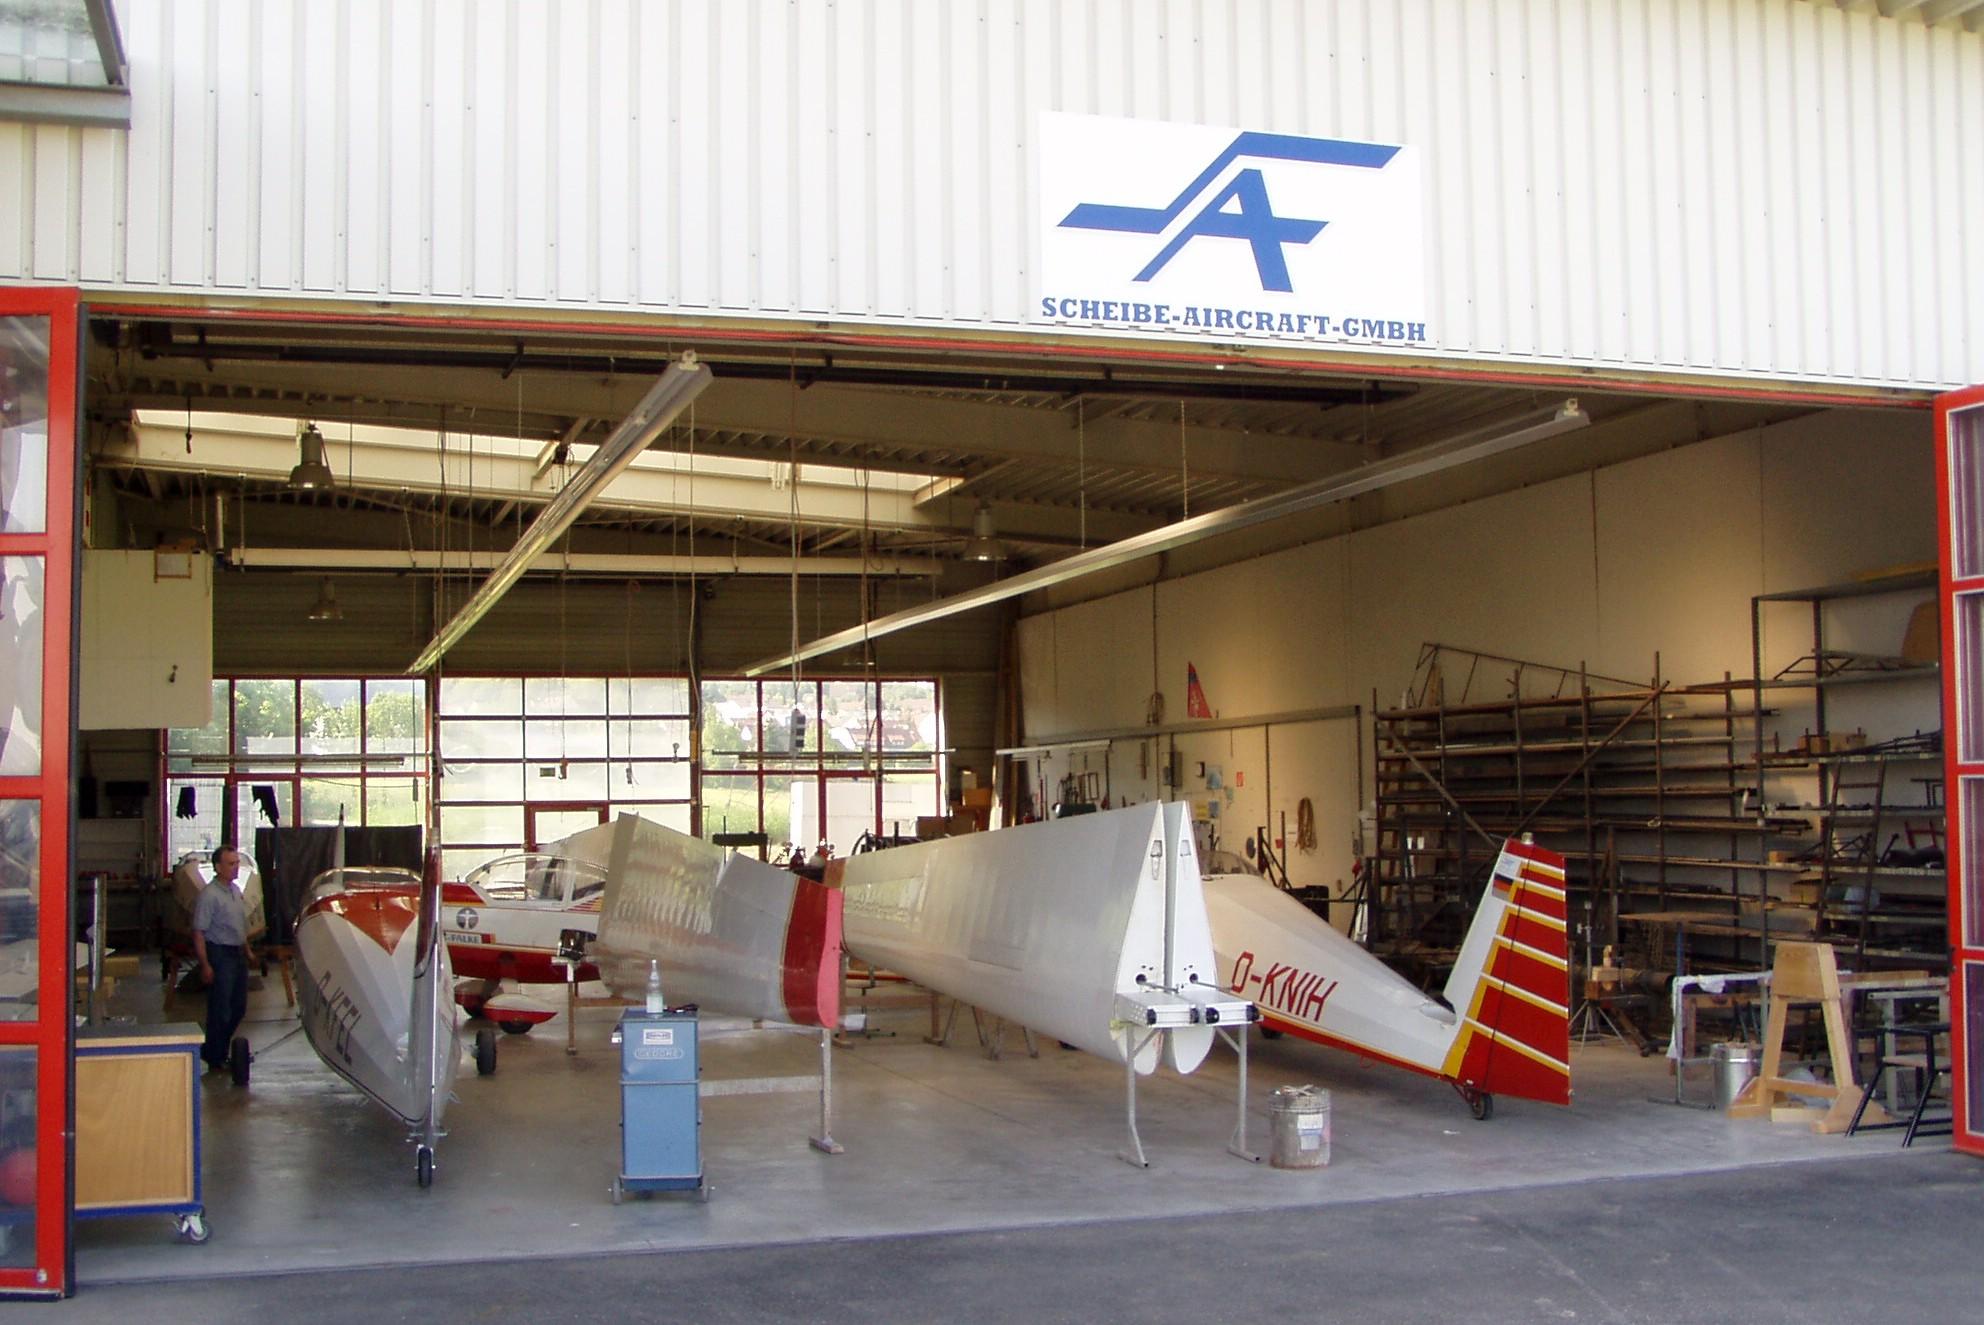 Blick in die Werkhalle von Scheibe Aircraft, links unser Mose